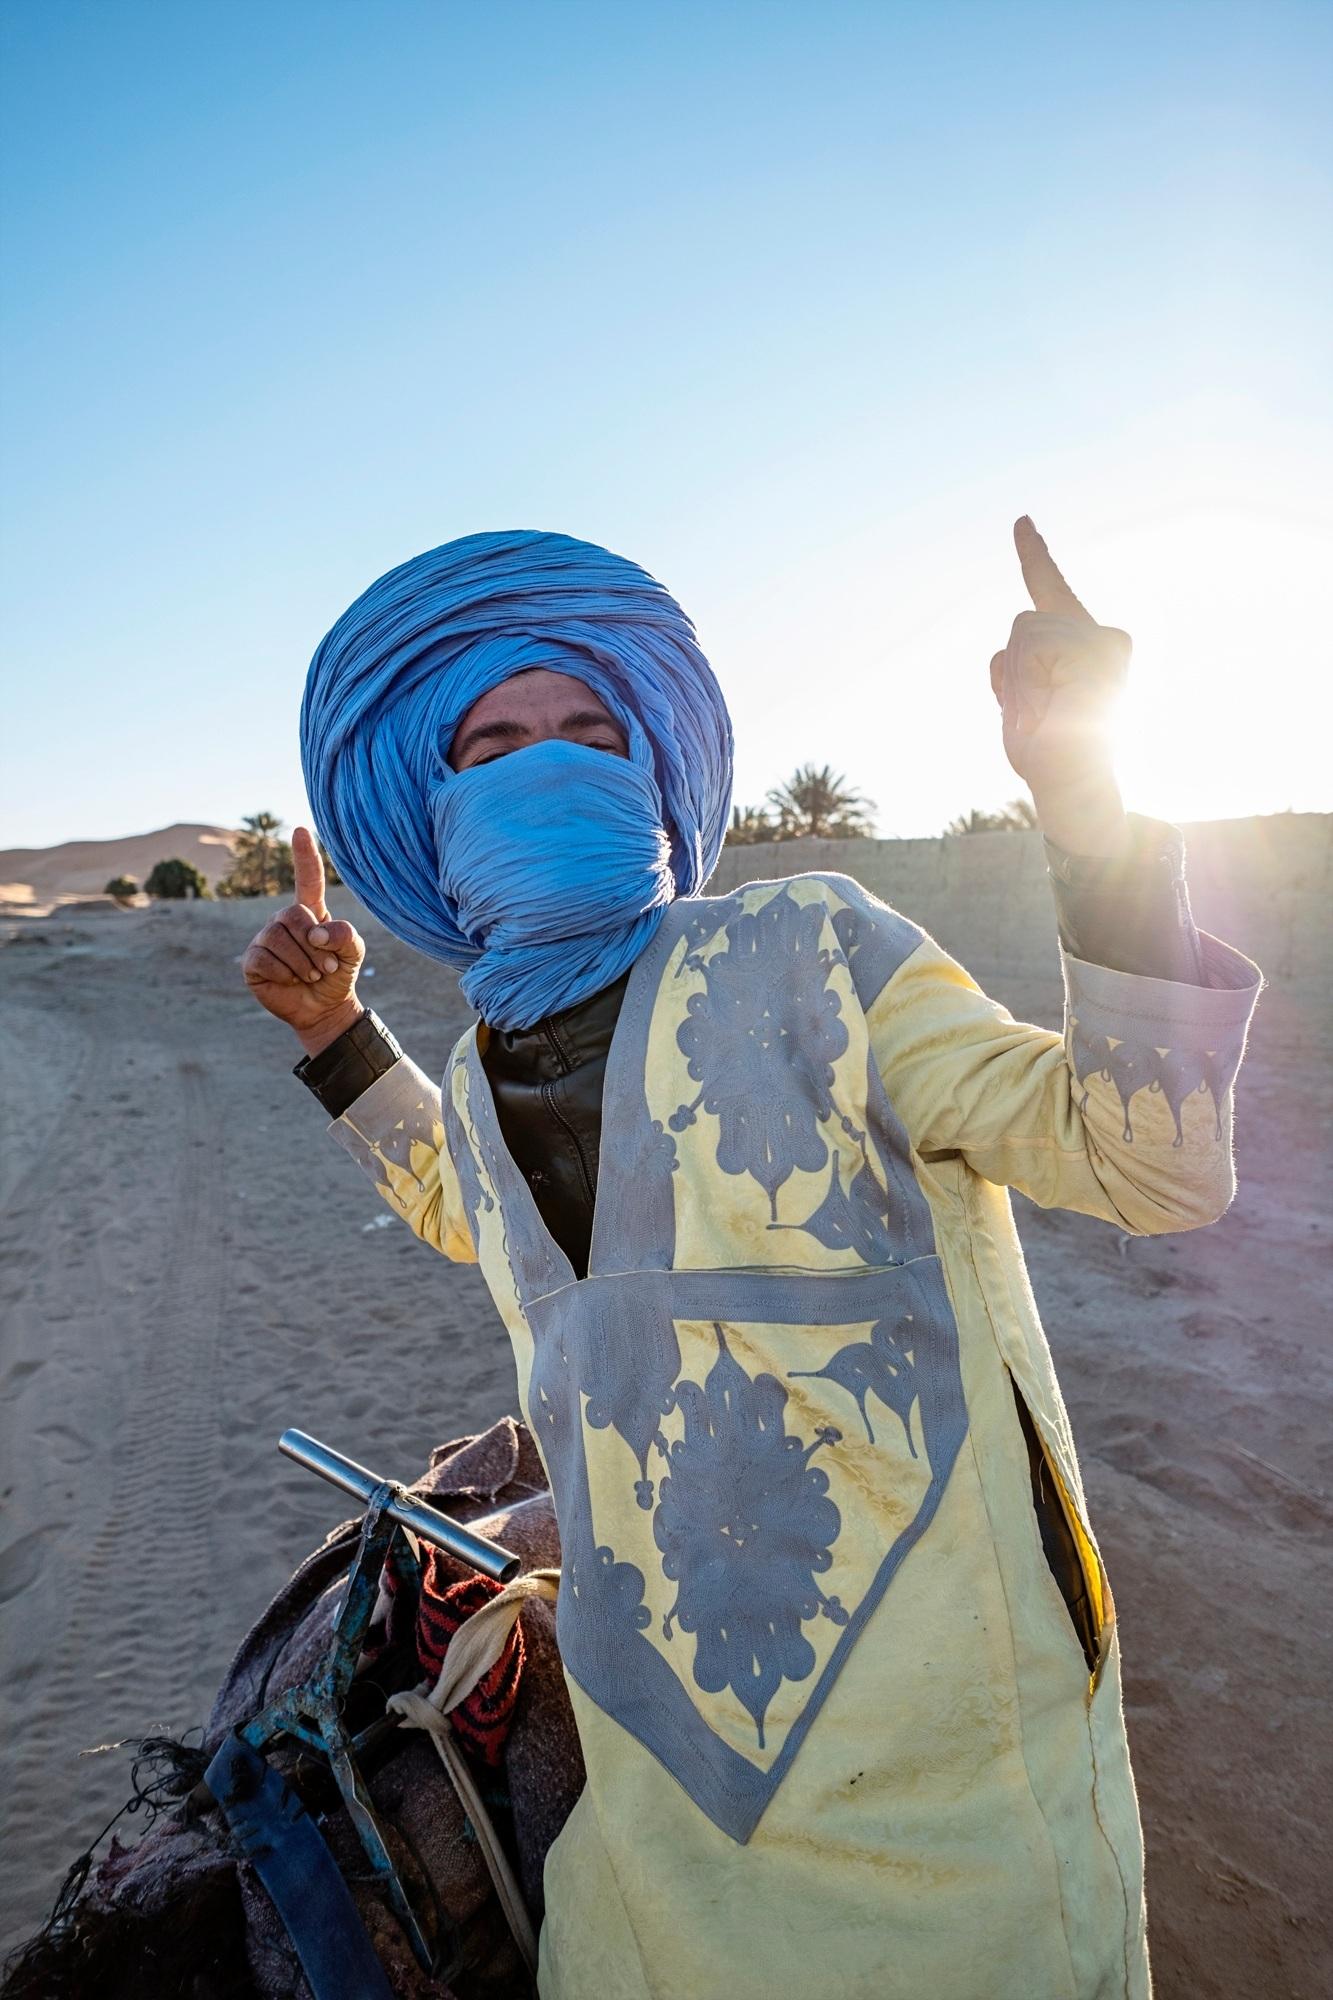 morocco_dscf5254.jpg